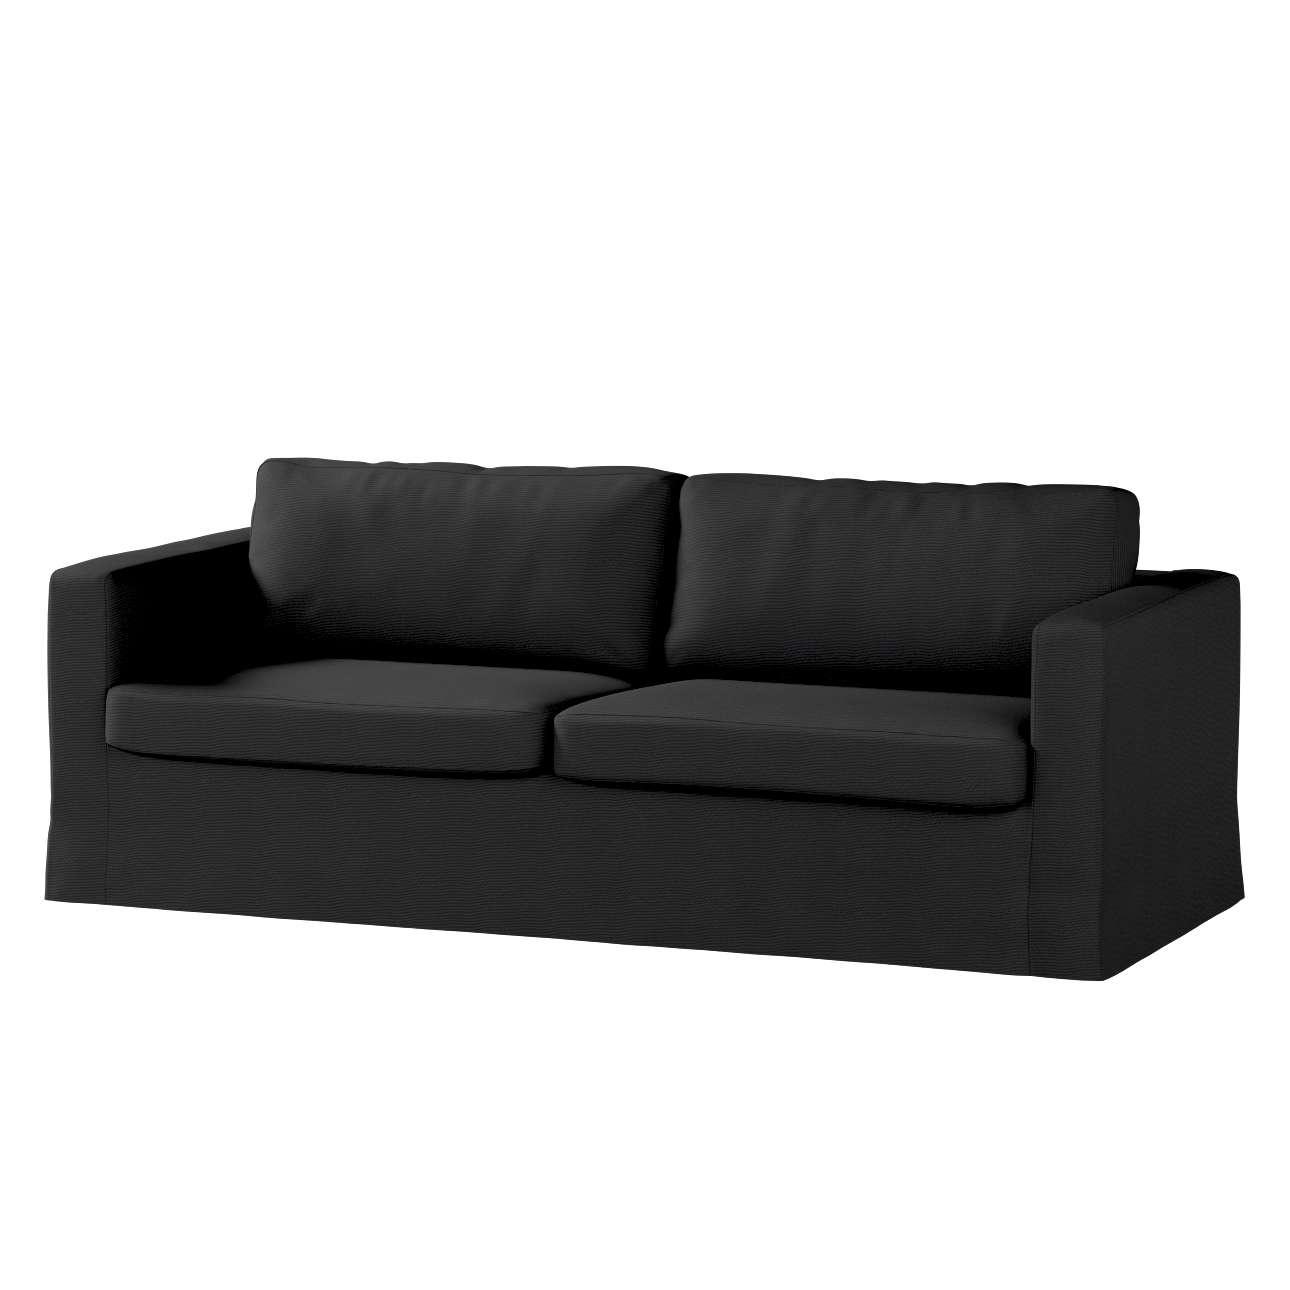 Karlstad trivietės sofos užvalkalas (ilgas, iki žemės) Karlstad trivietės sofos užvalkalas (ilgas, iki žemės) kolekcijoje Etna , audinys: 705-00